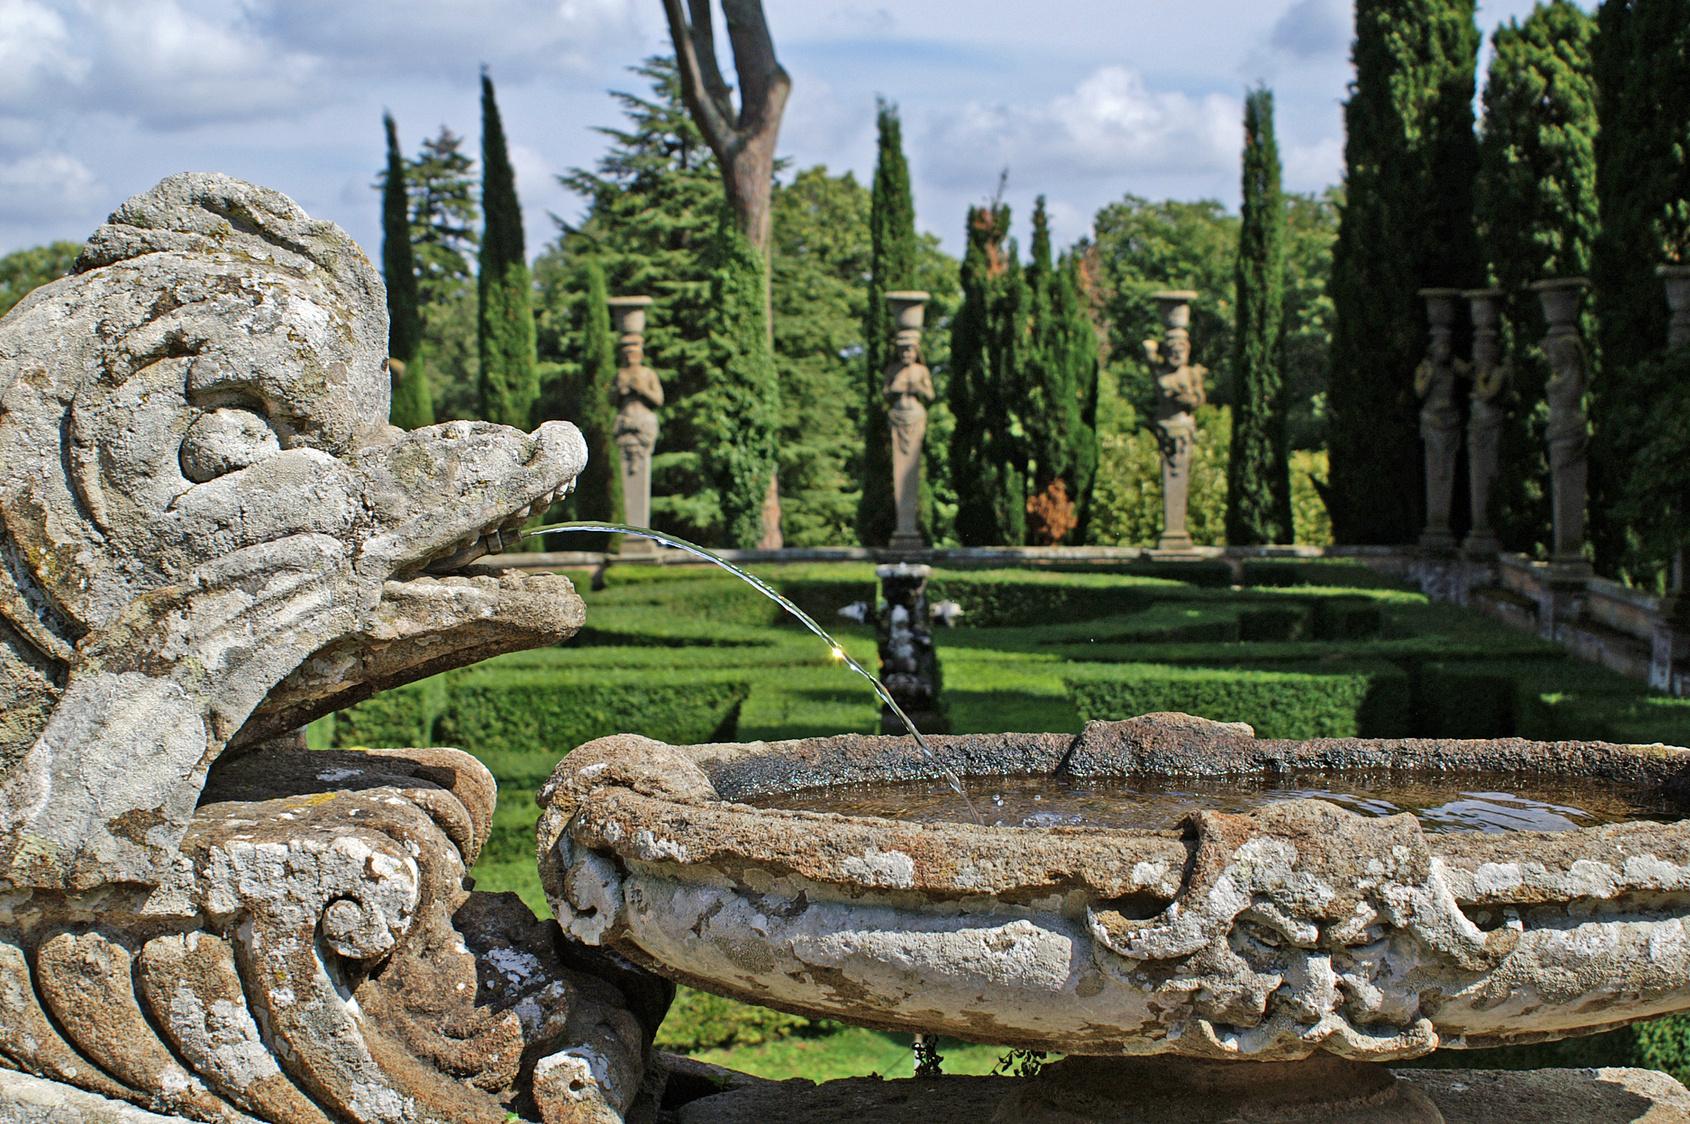 Giochi d'acqua e fontana del Palazzo Farnese a Caprarola, Viterbo